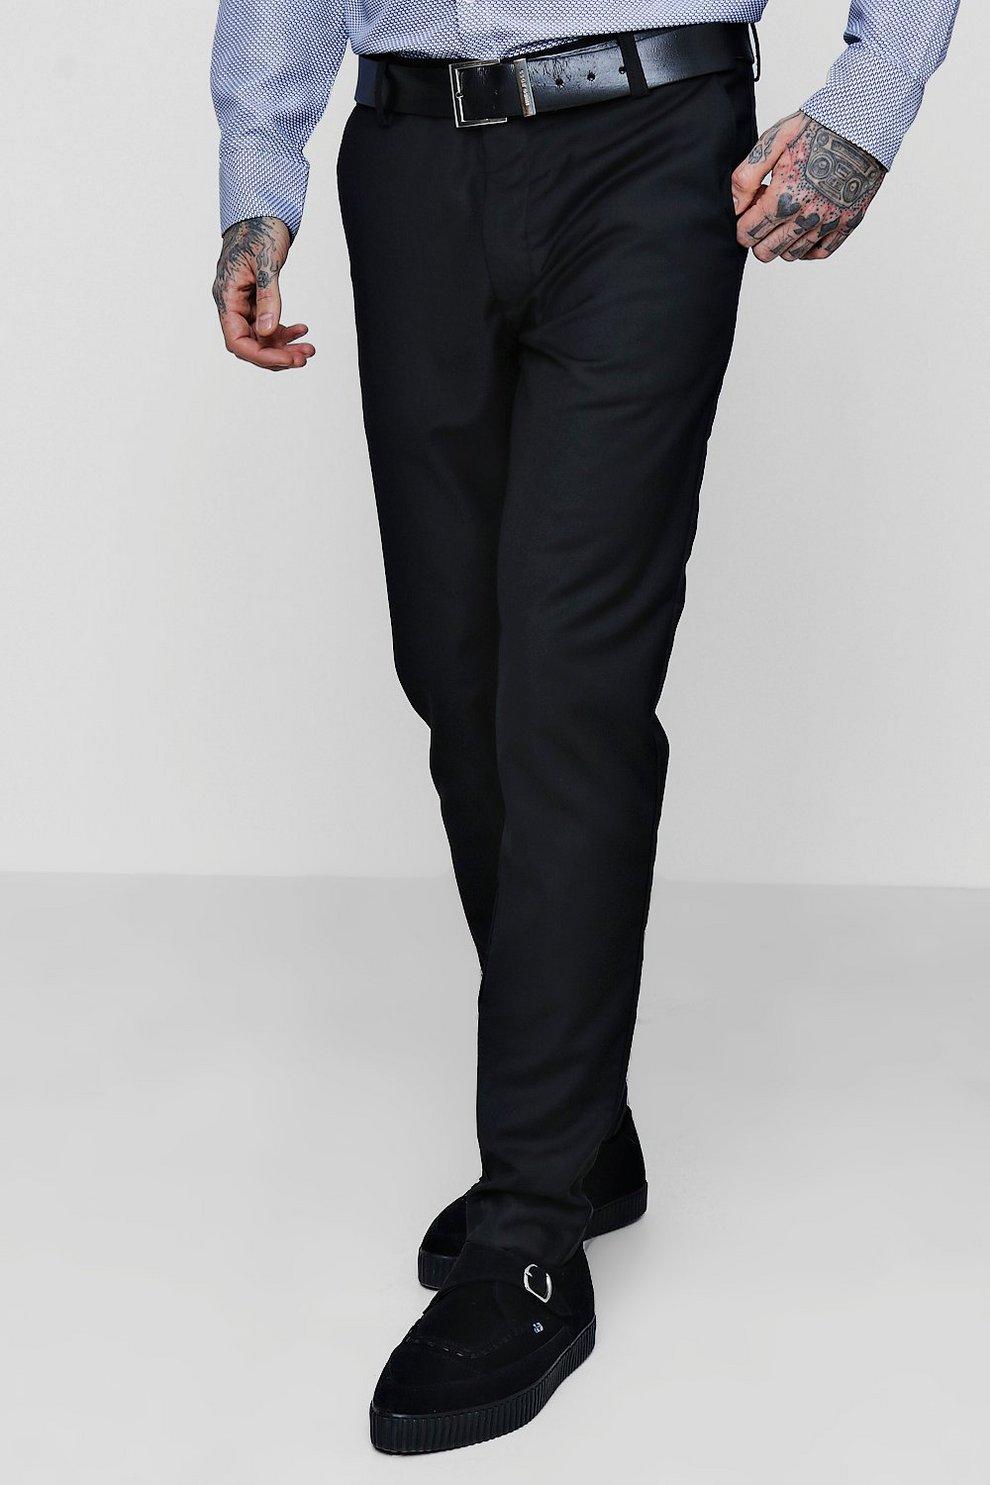 886d48ff2621 Mens Black Skinny Fit Plain Suit Trouser